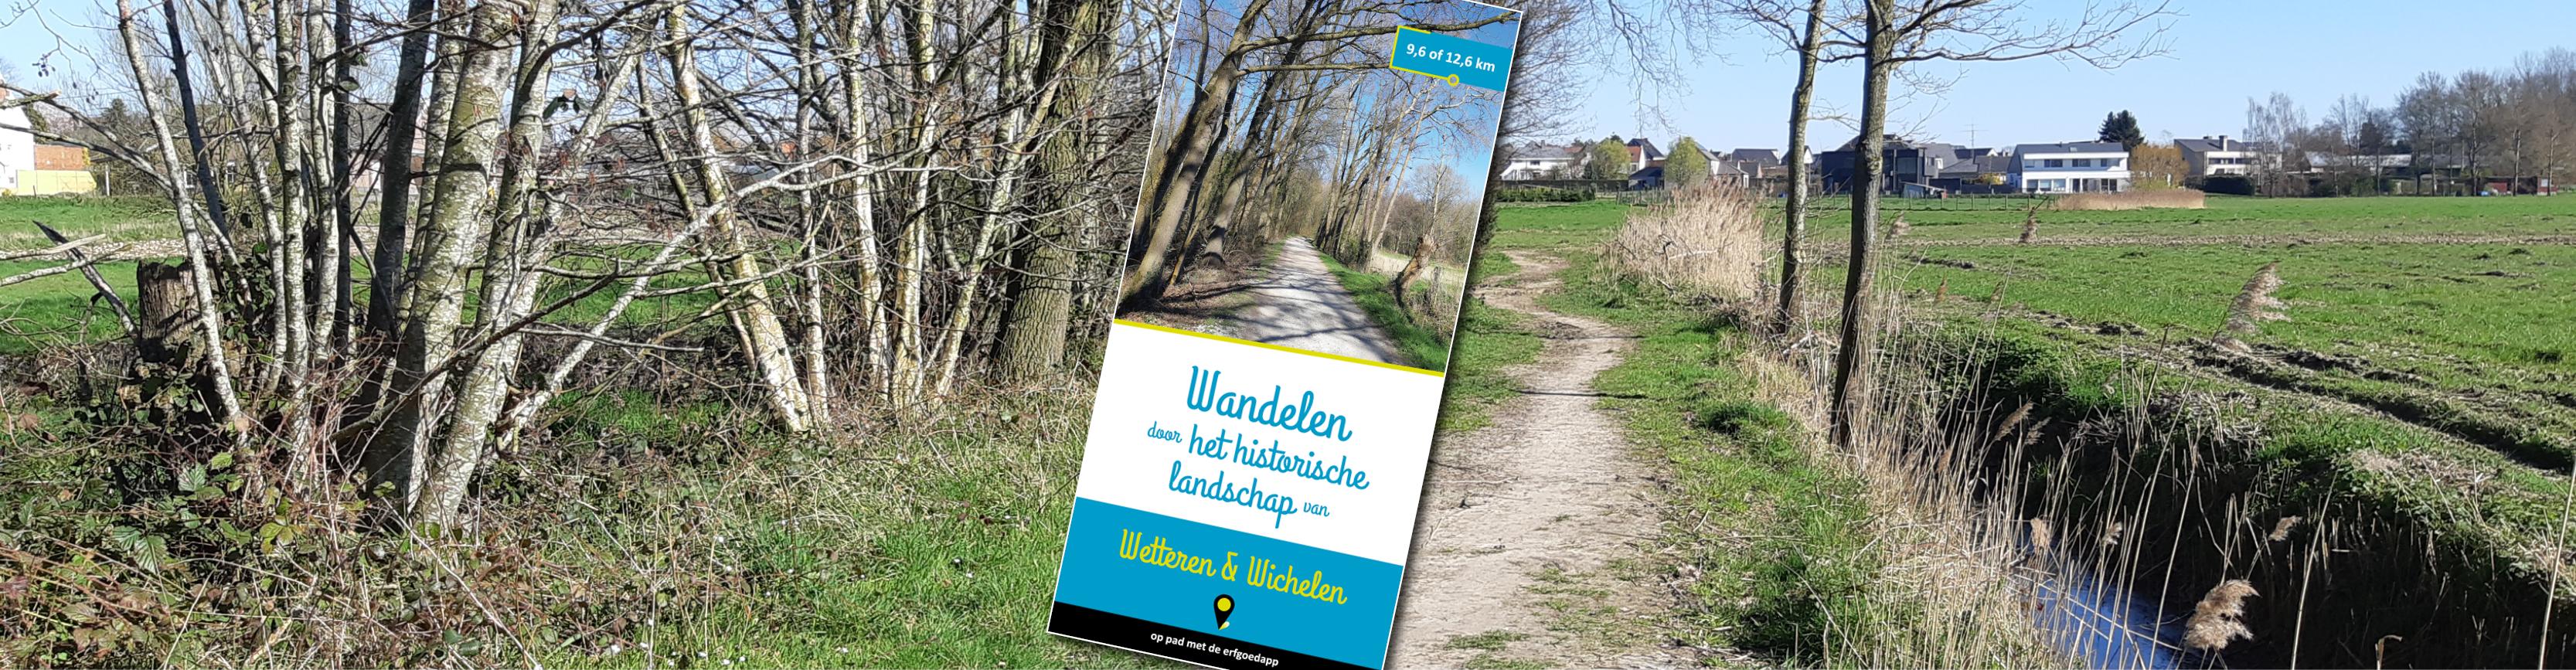 Wandelen door het historisch landschap van Wetteren en Wichelen